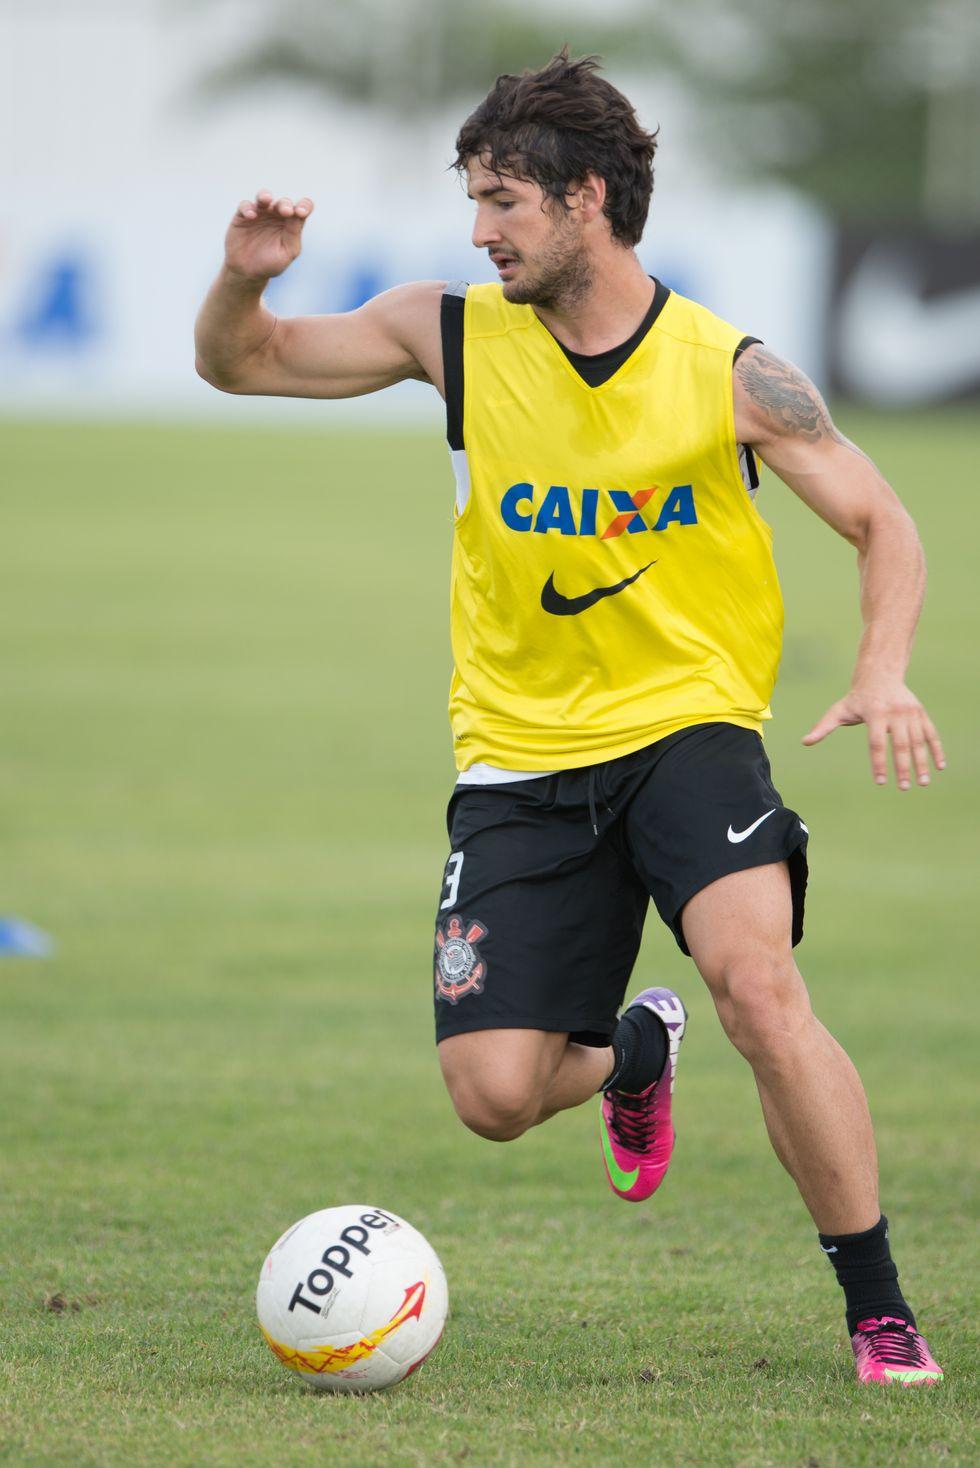 Ecco perché Pato in Brasile non si infortuna (quasi) più